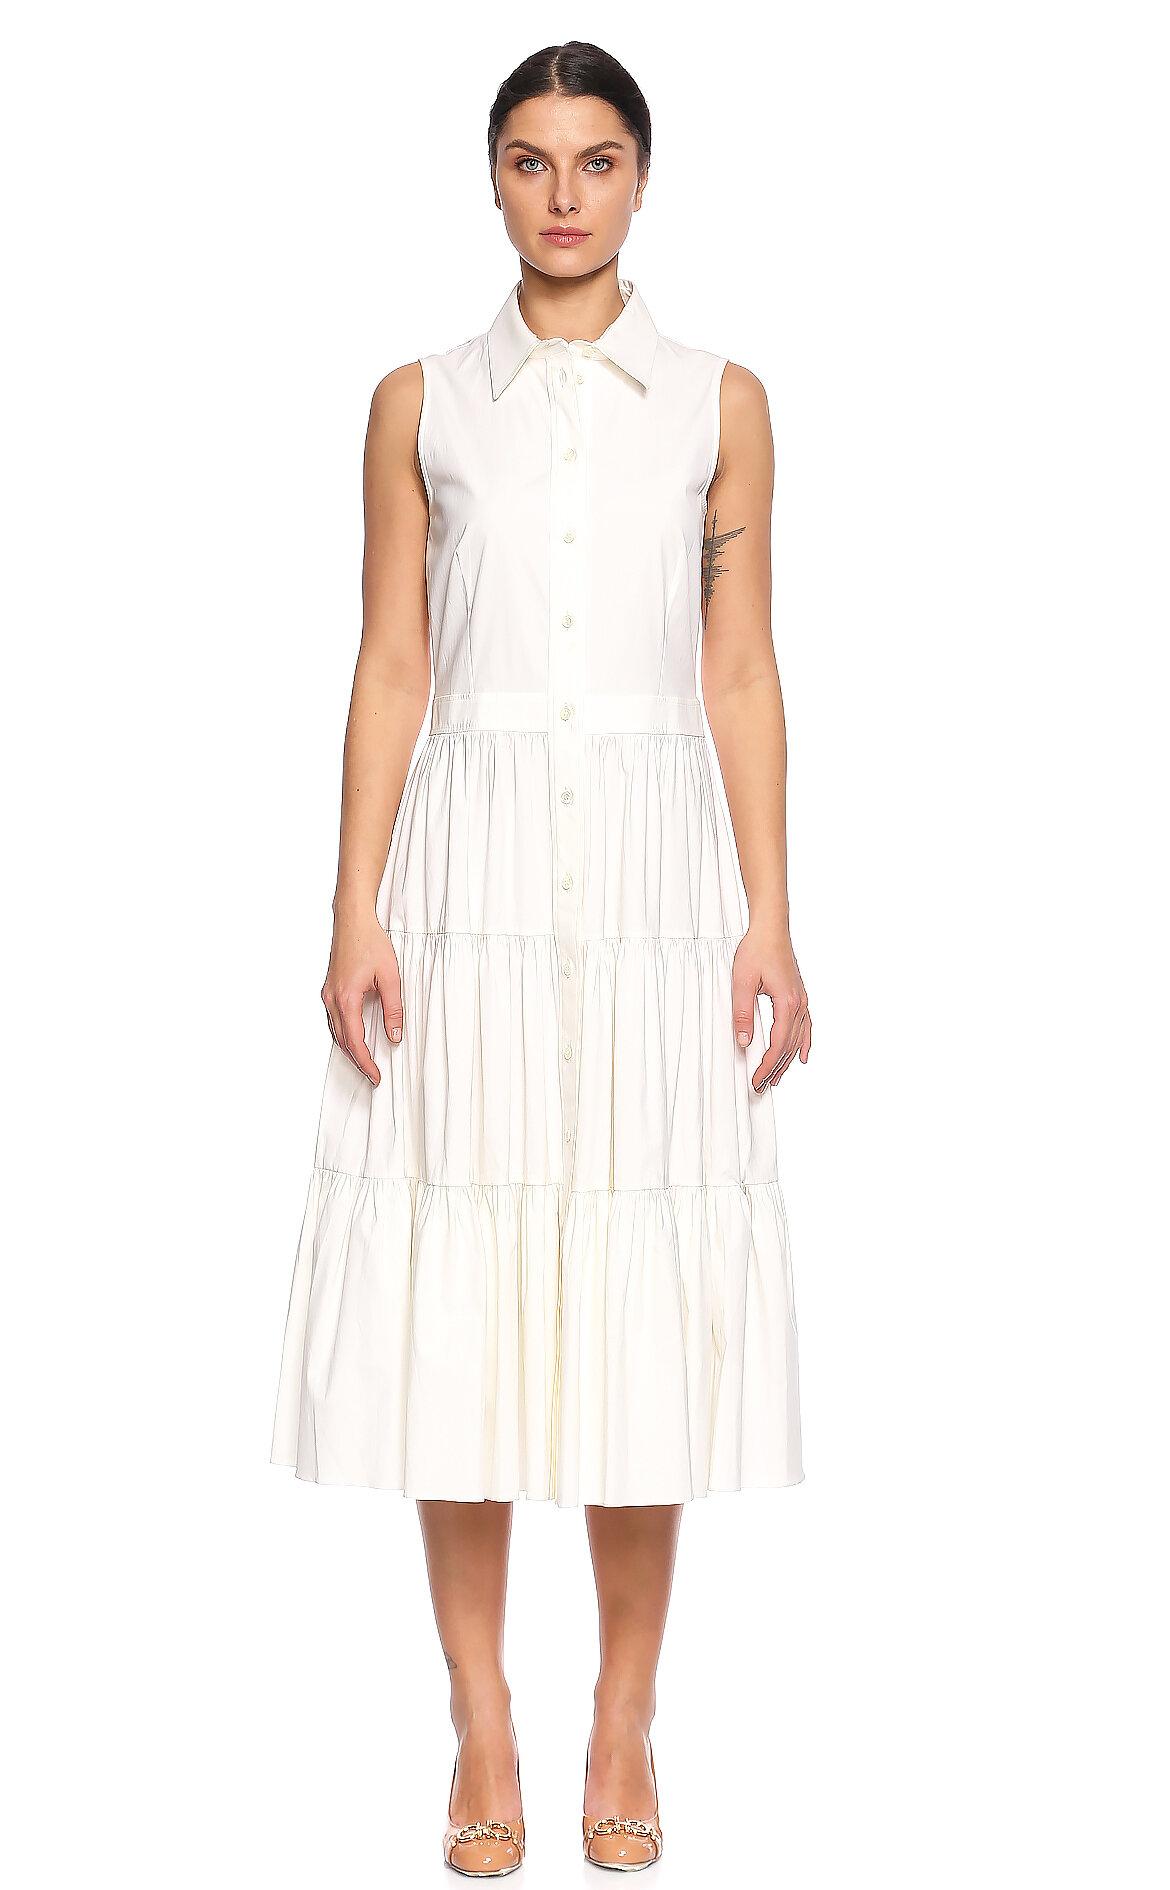 Michael Kors Collection-Michael Kors Collection Beyaz Midi Elbise